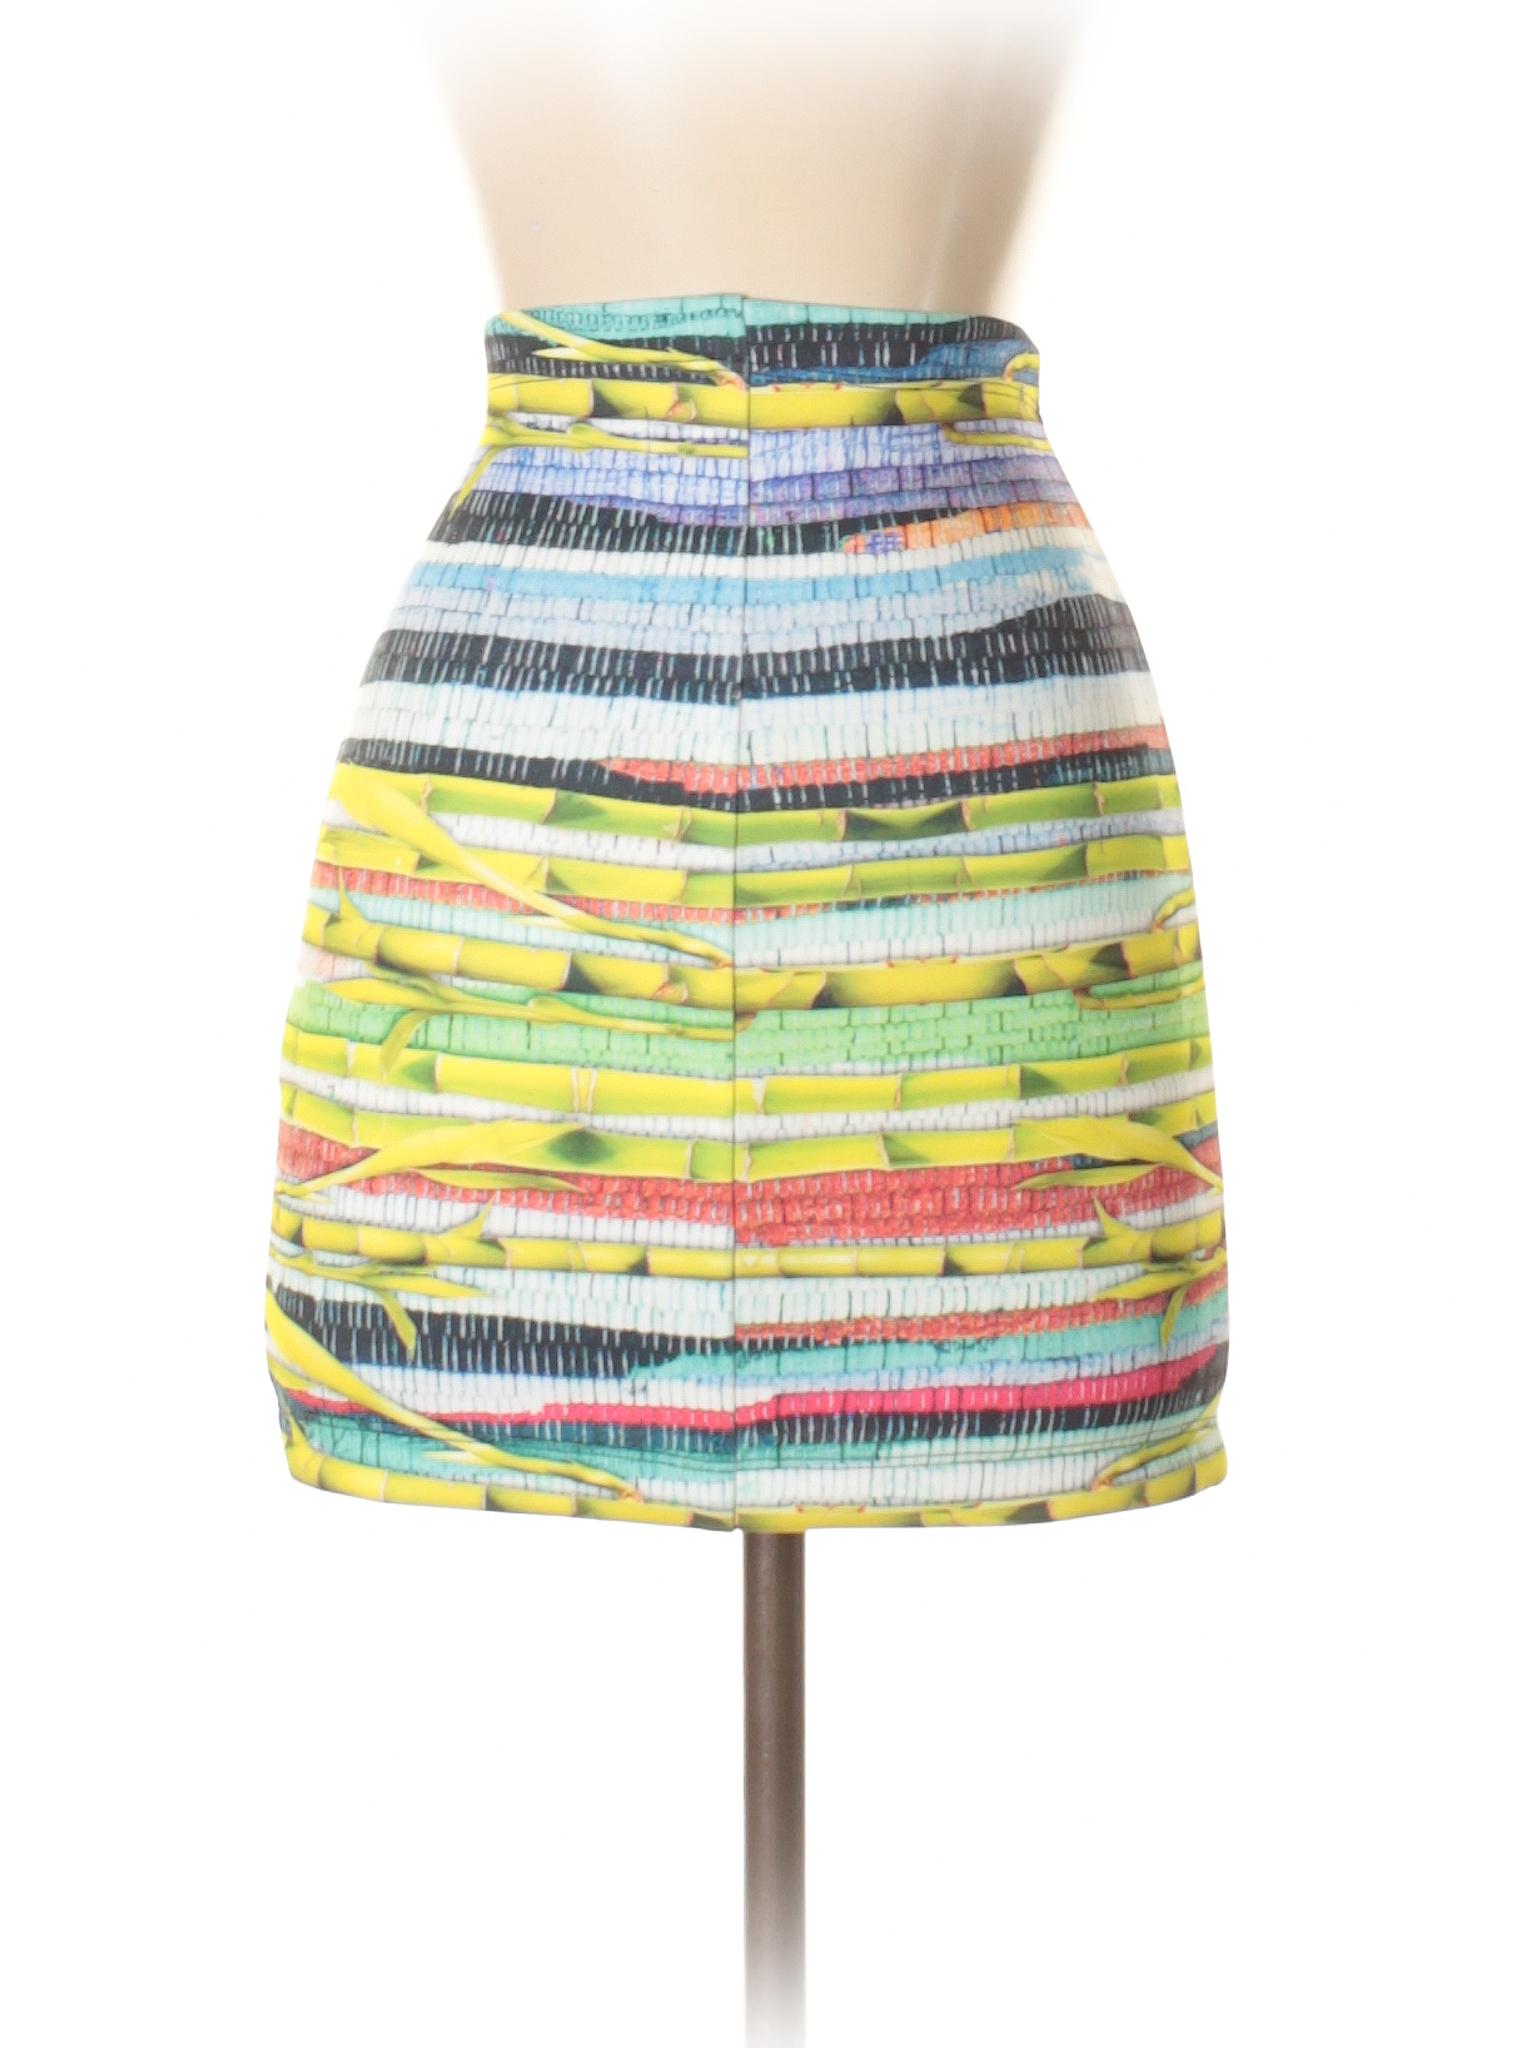 Skirt Boutique Skirt Casual Skirt Casual Boutique Casual Boutique I0w4ZqS